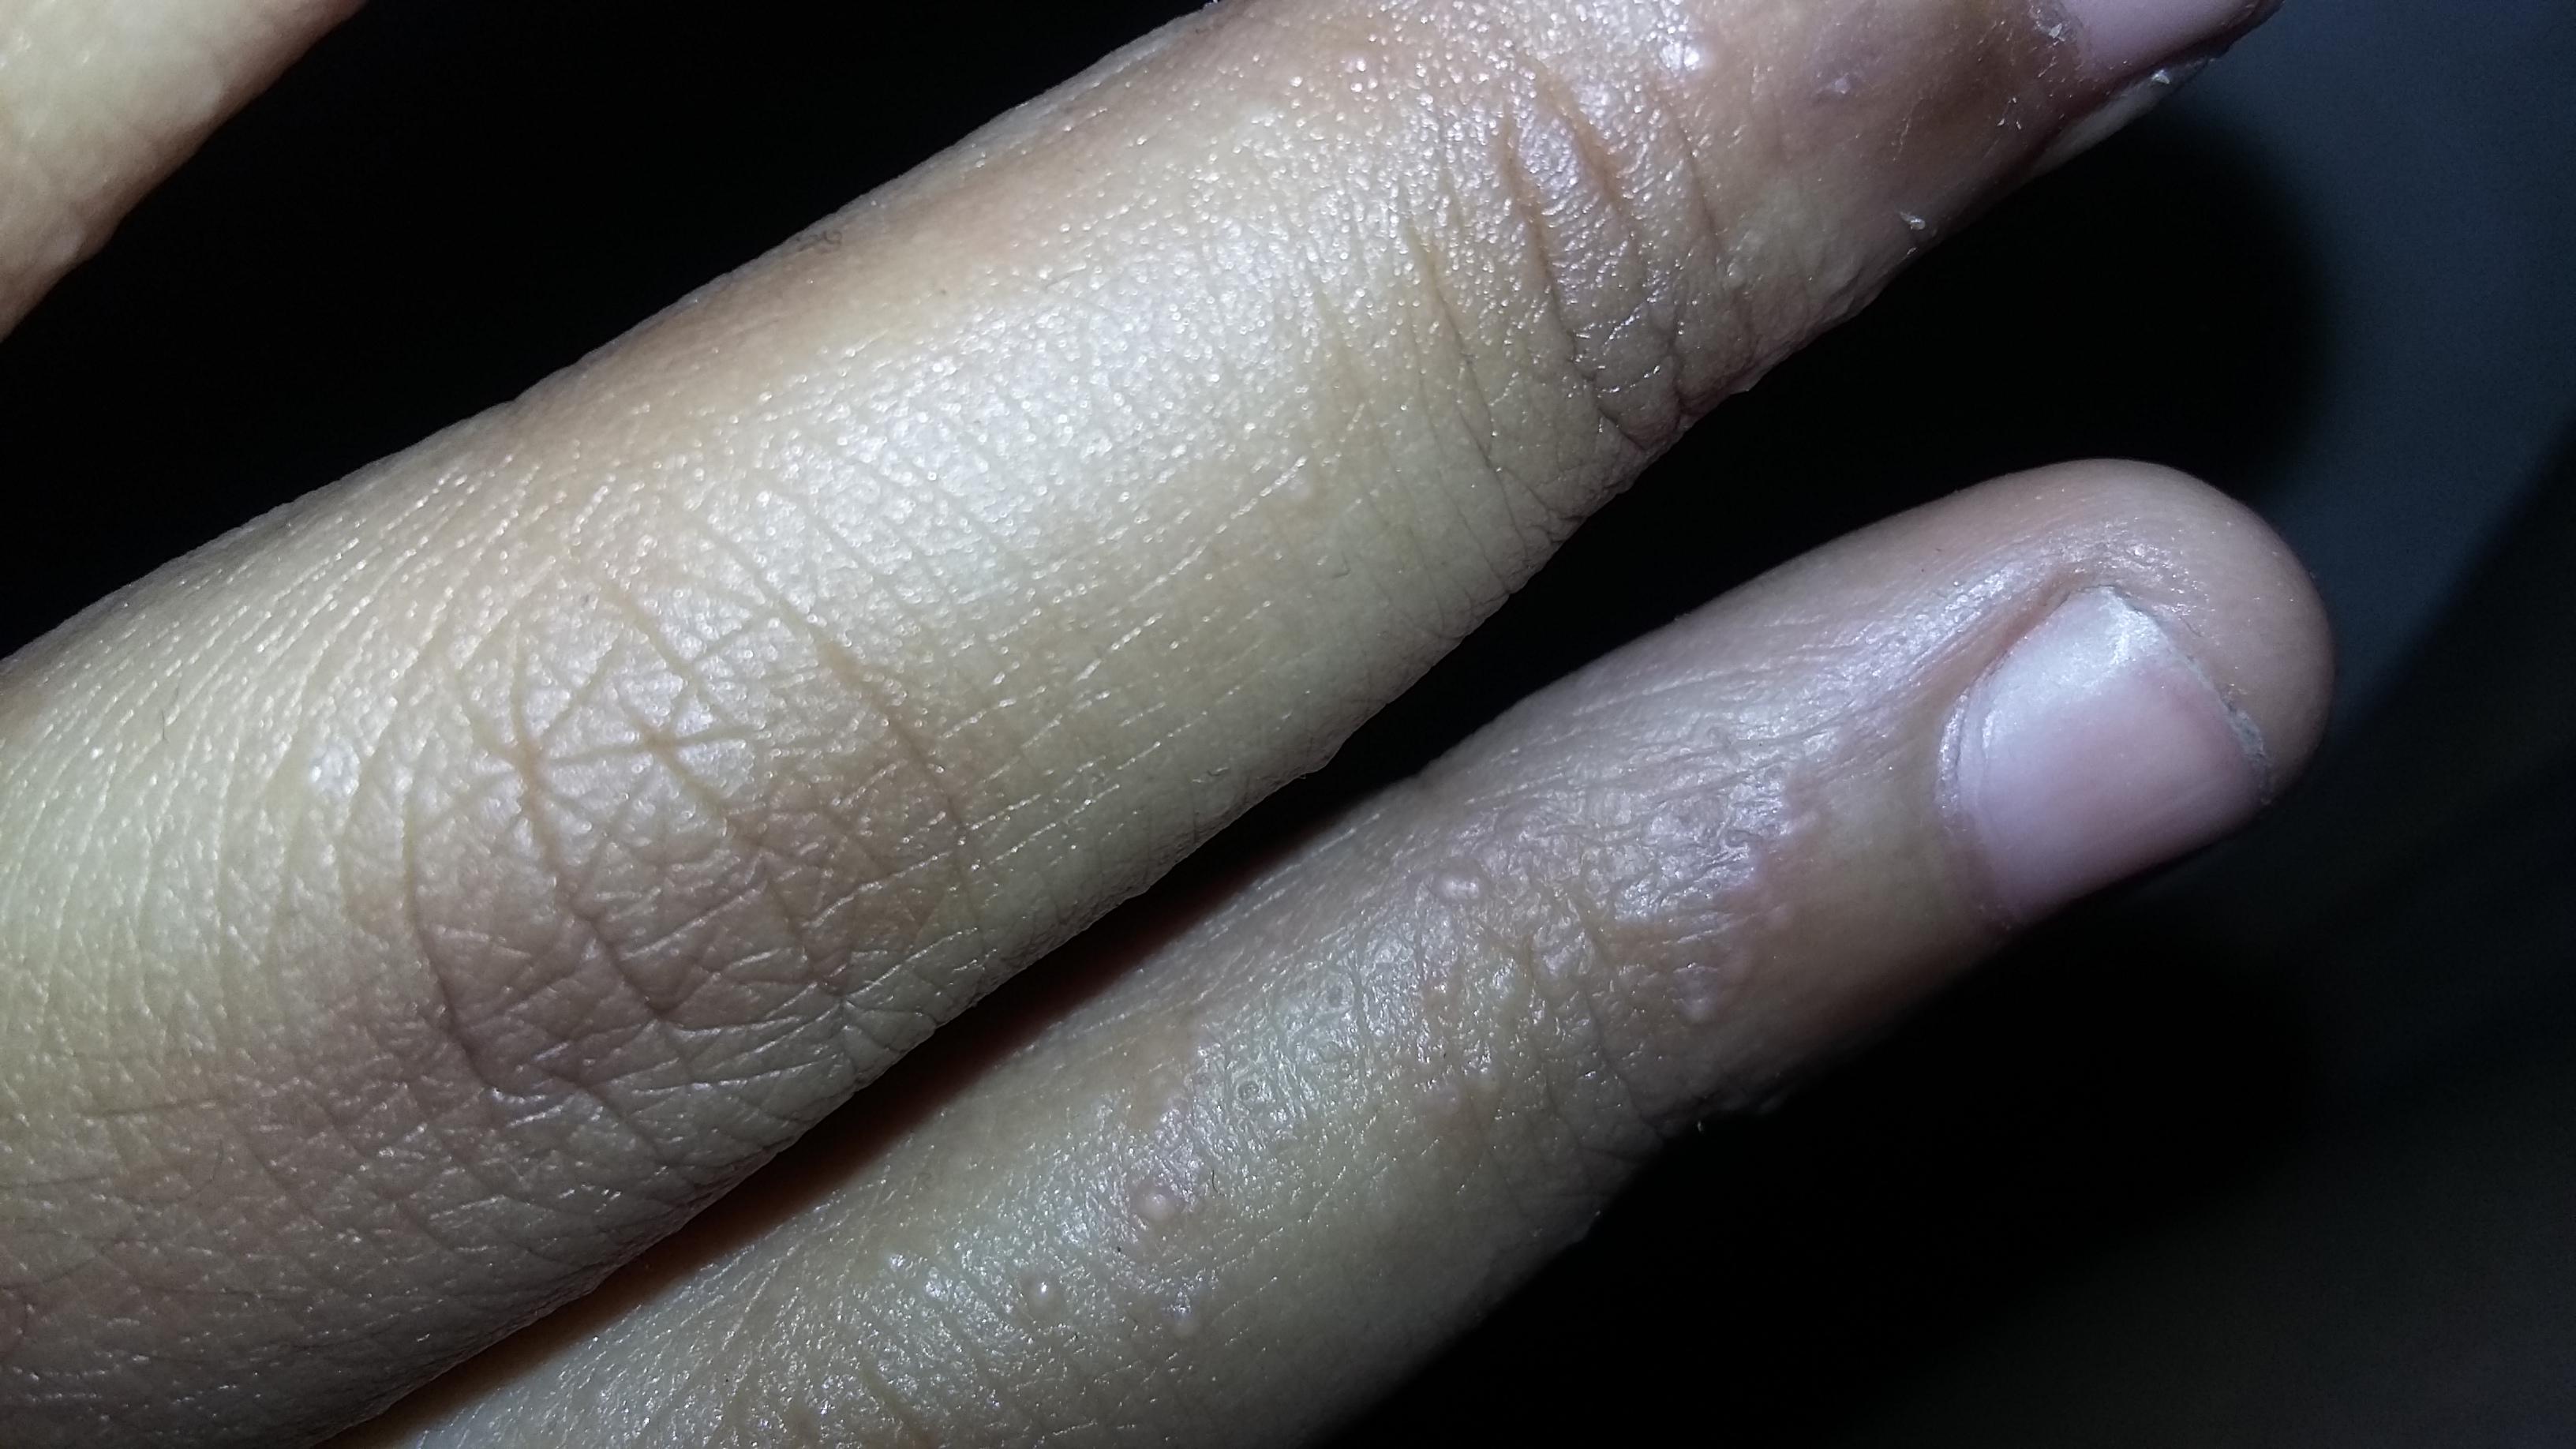 حبوب حمراء صغيره في اليد عيادات العرب الطبية موقع استشارات طبية مجانية